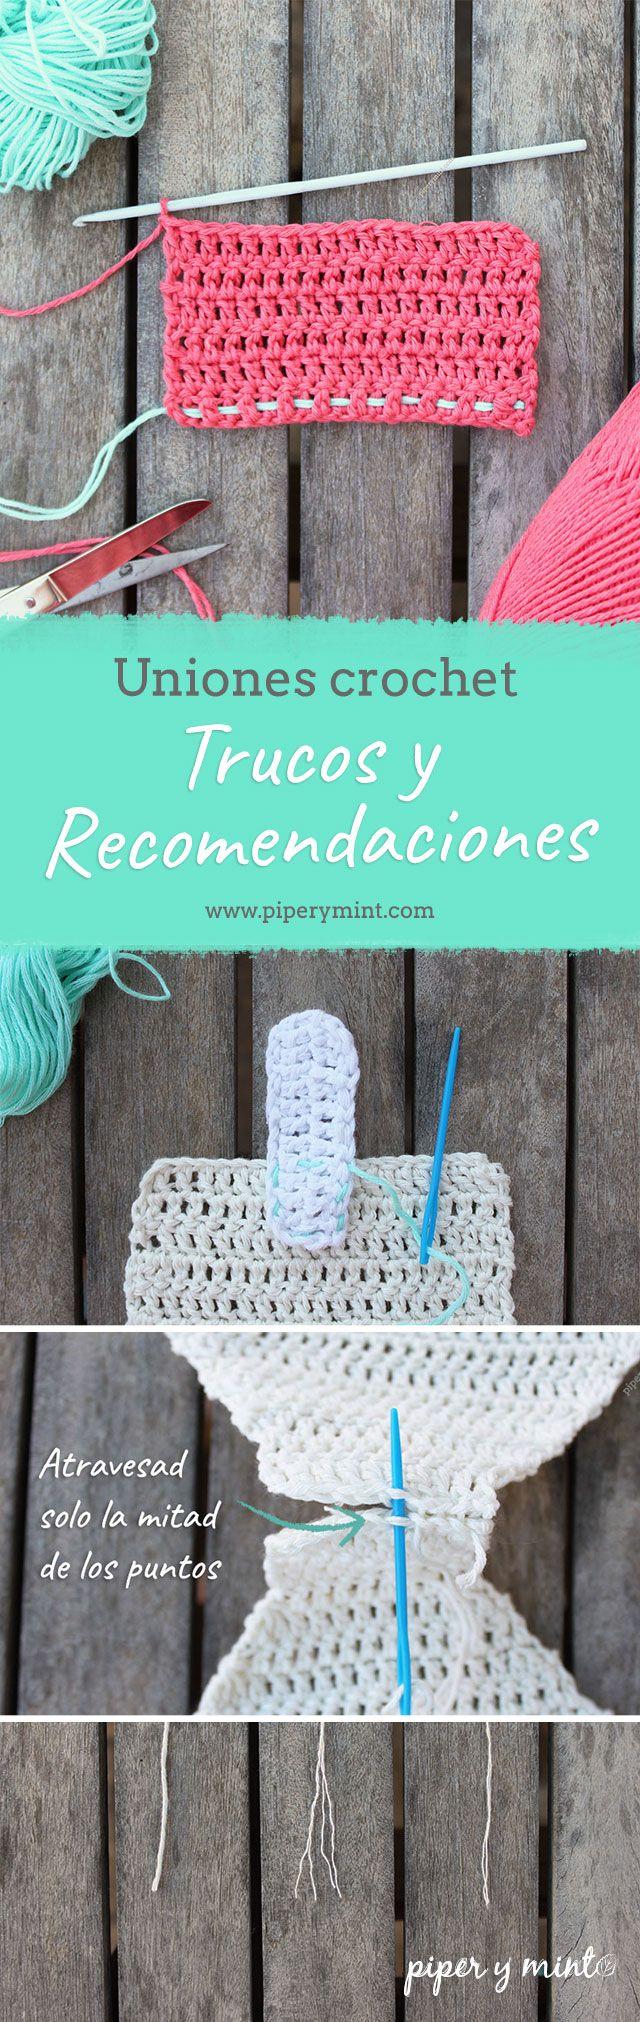 Cómo hacer uniones en crochet, como coser ganchillo